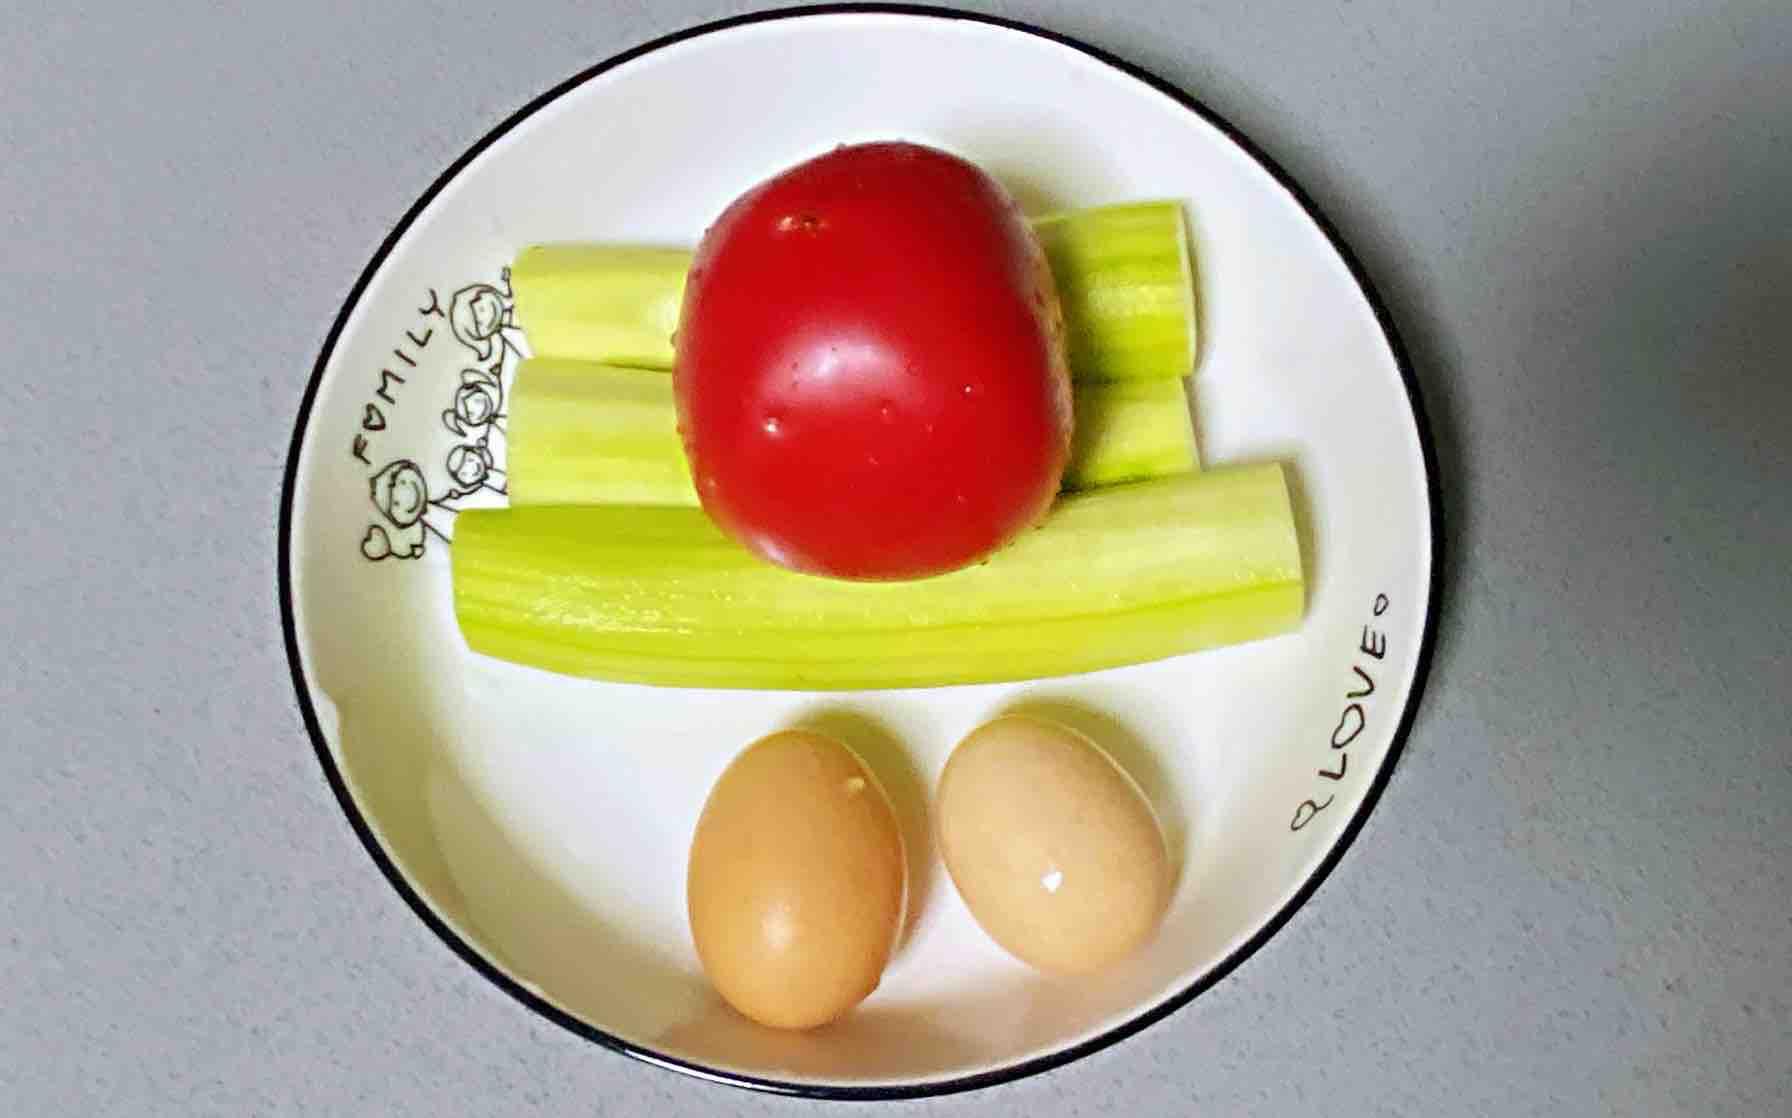 【孕妇食谱】番茄丝瓜炒鸡蛋,酸酸甜甜,营养全面~的做法大全